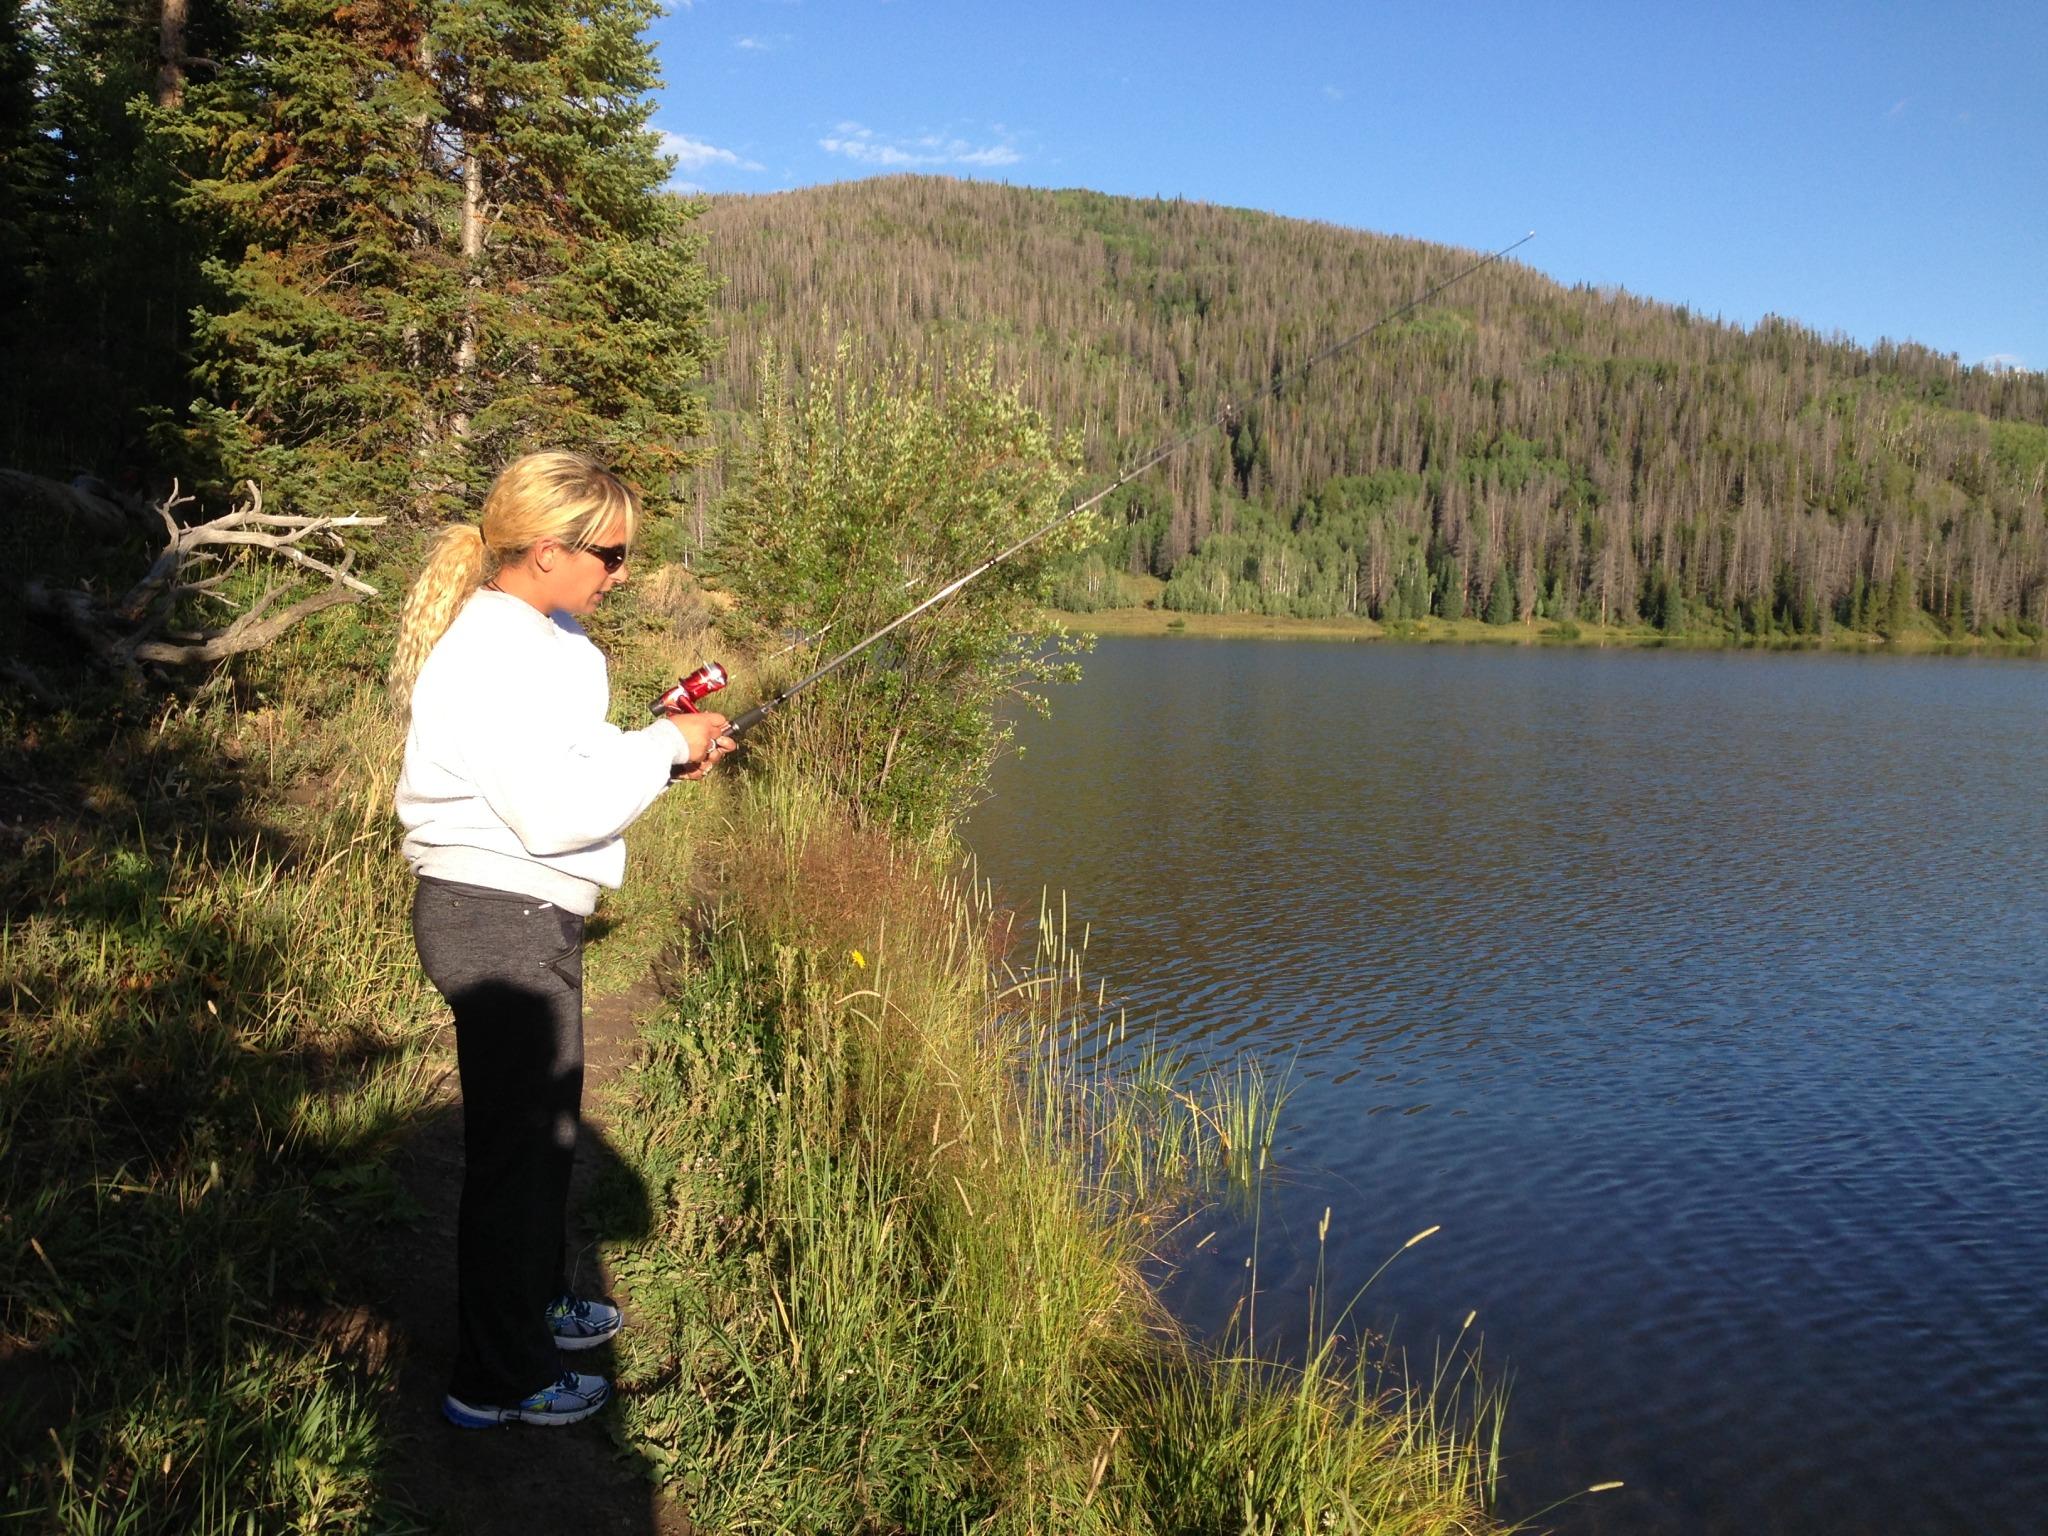 Fishing at Pearl Lake, Colorado